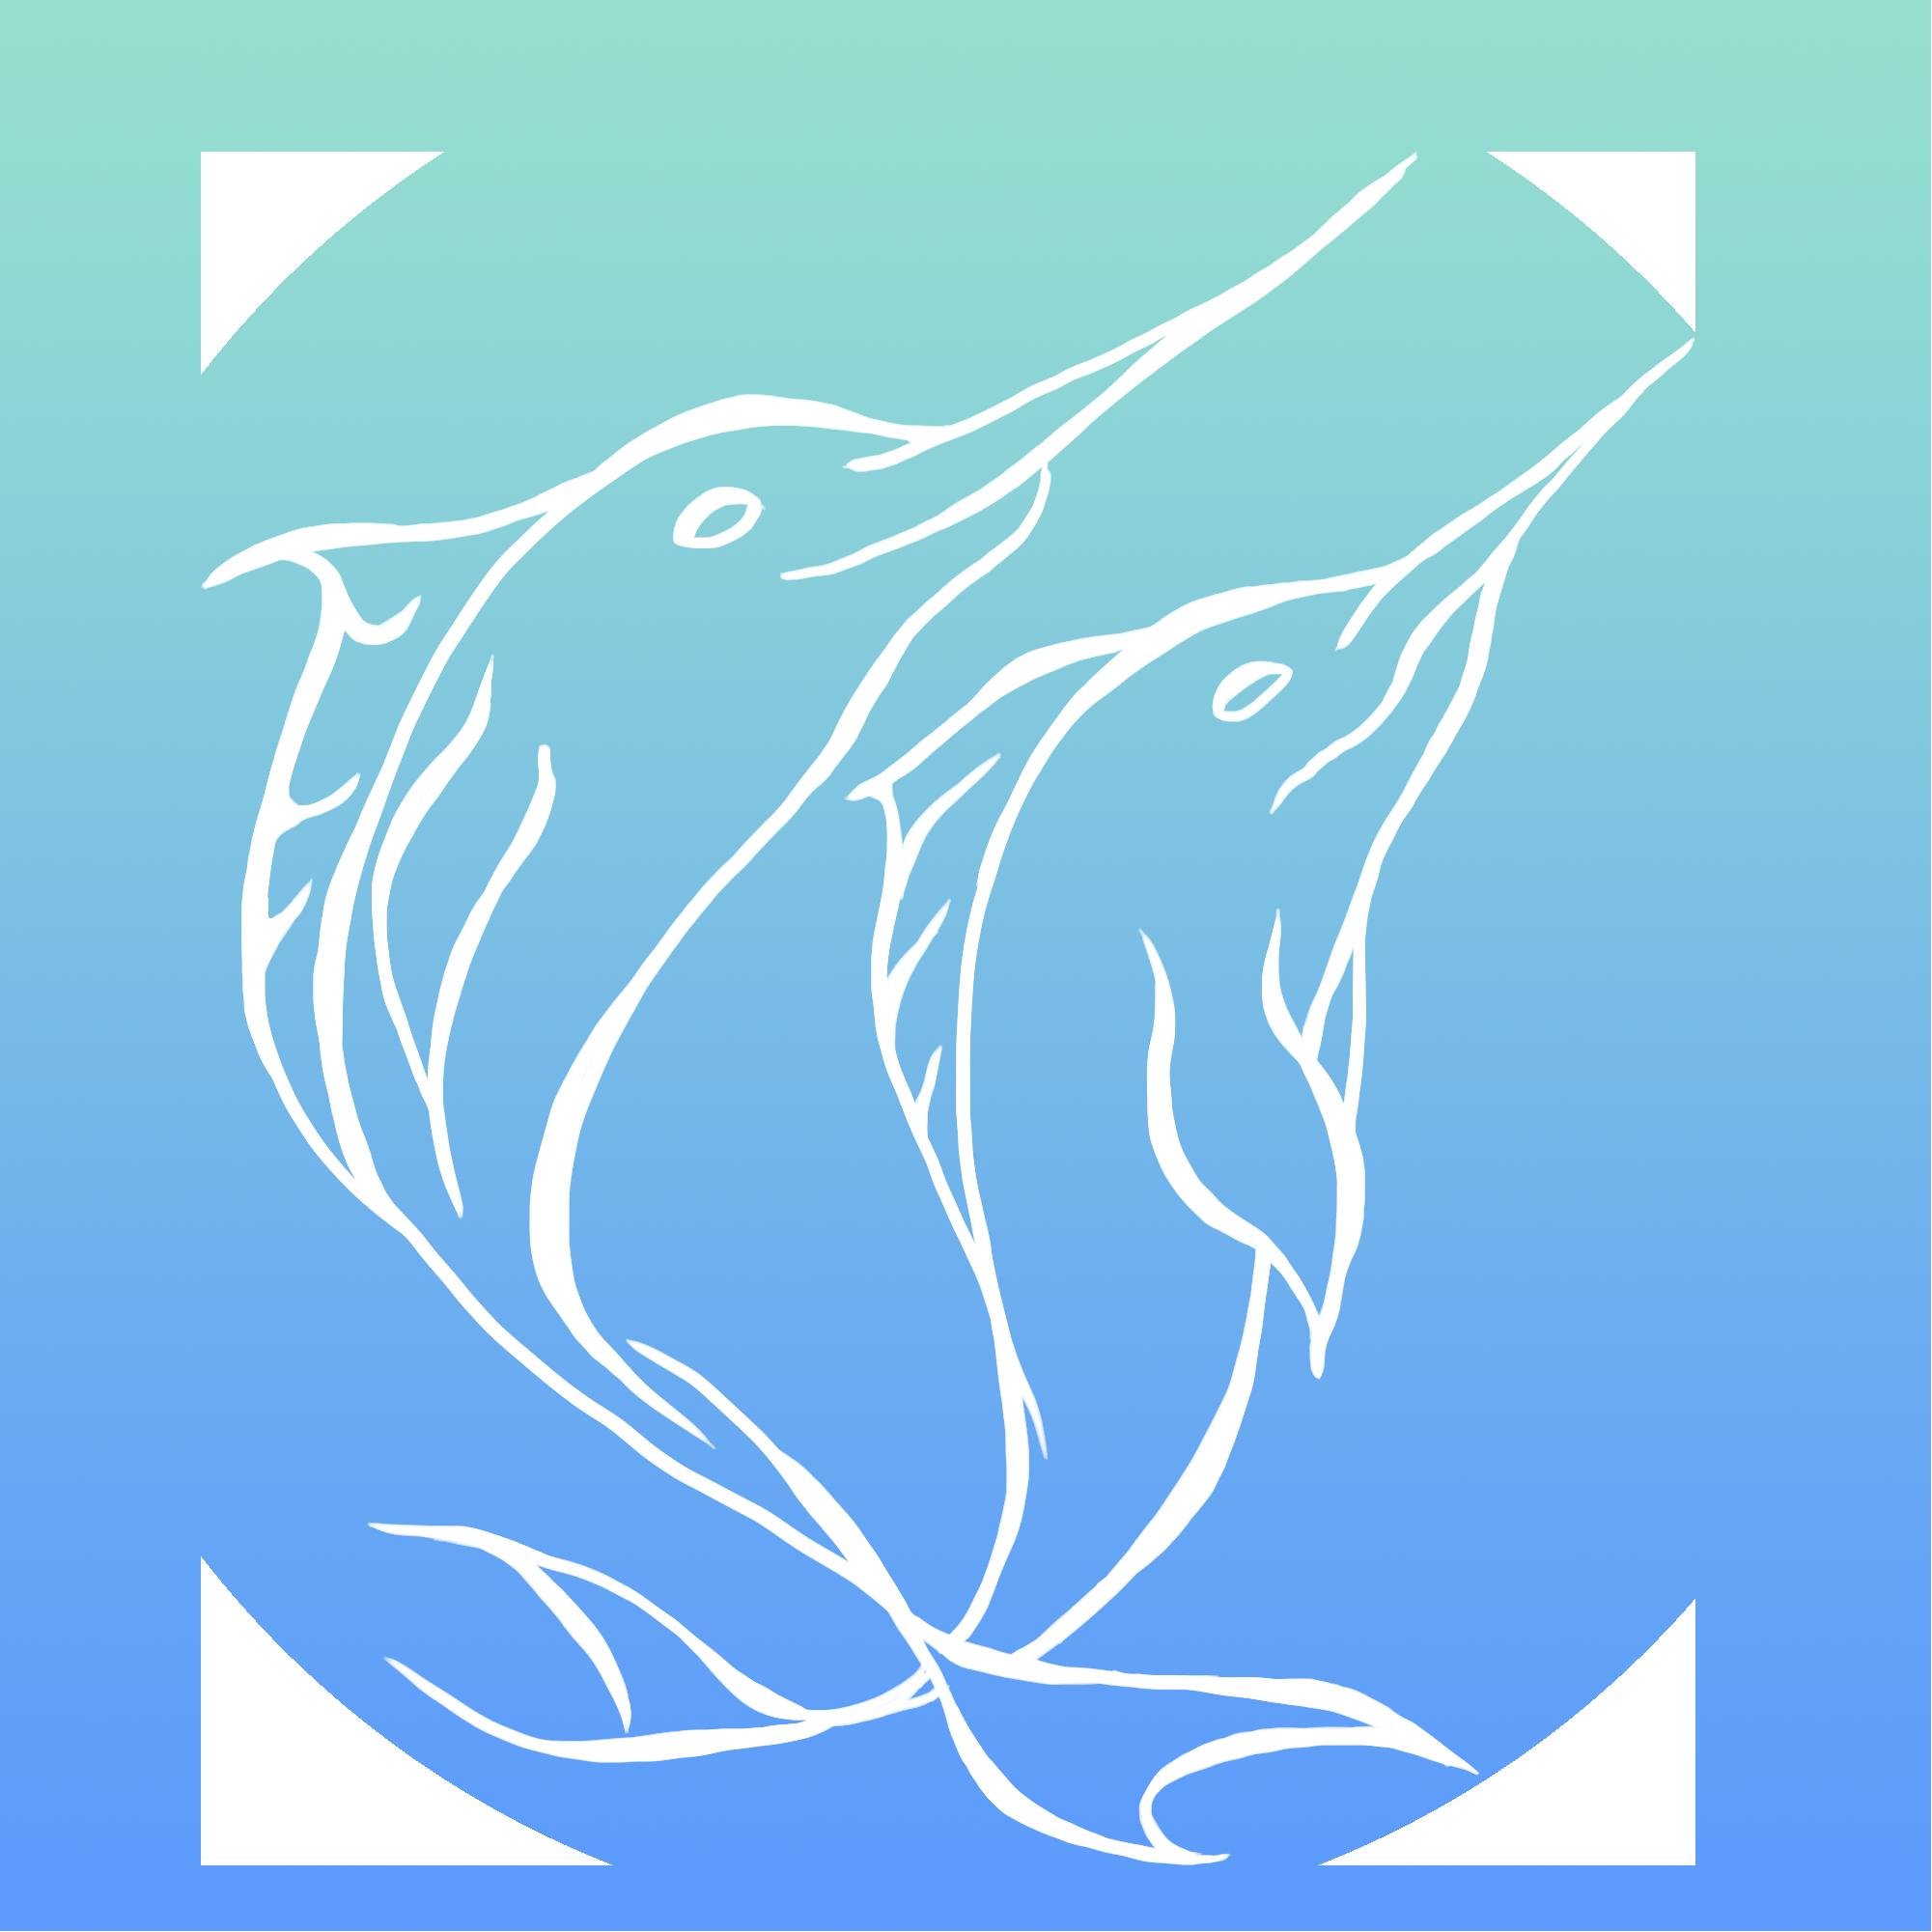 maarlin_logo1